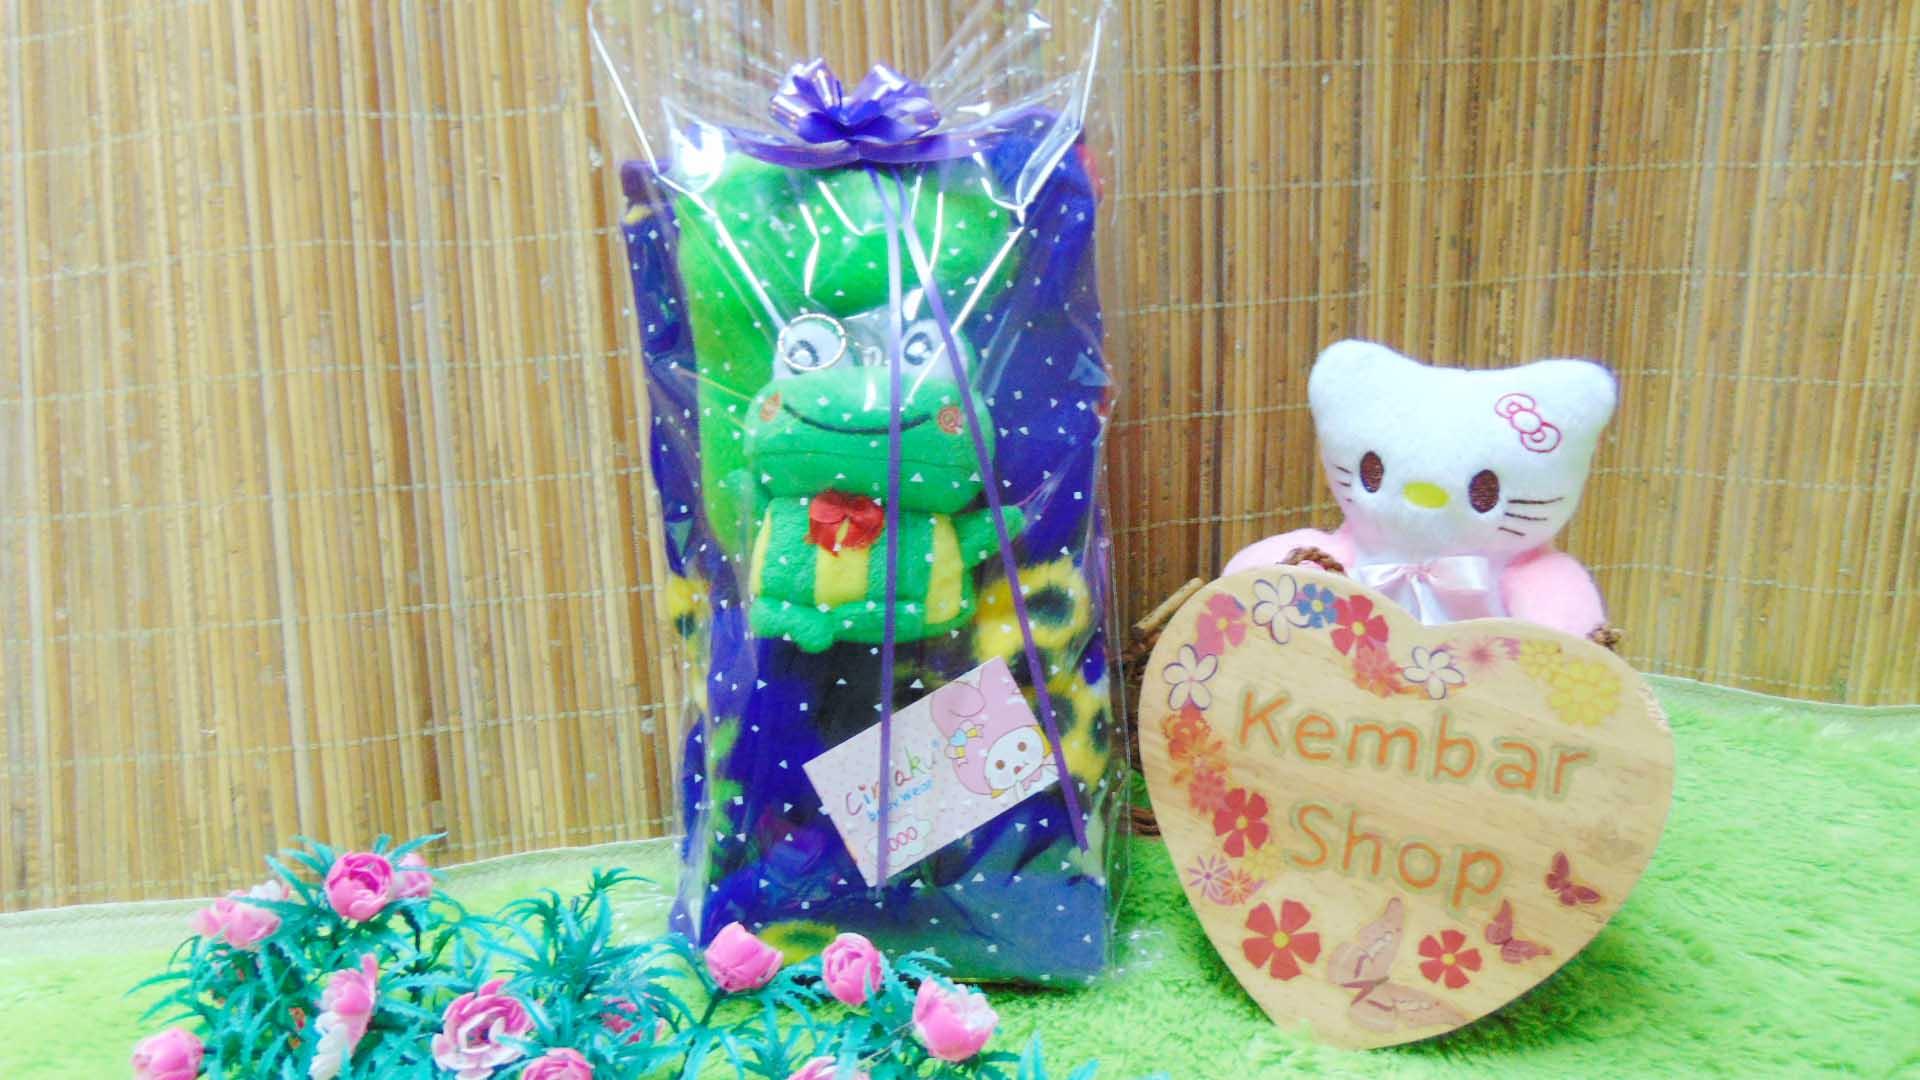 FREE KARTU UCAPAN kado bayi baby gift set selimut topi bayi bludru plus boneka (3)